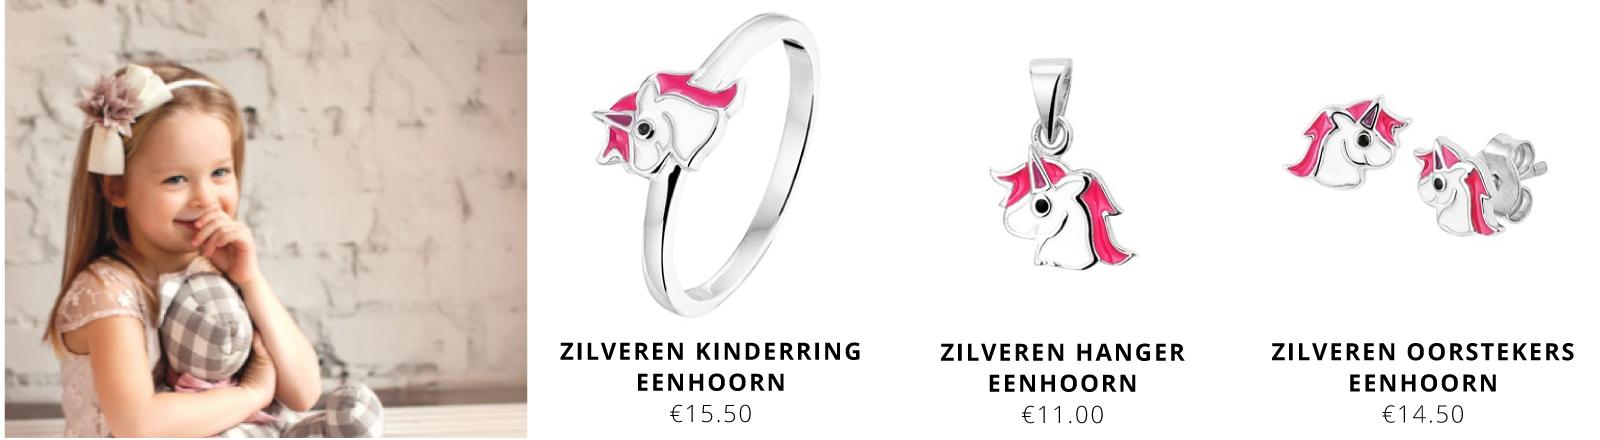 zilveren-kindersieraden-kopen-bij-Wolters-Juweliers-Coevorden-Emmen